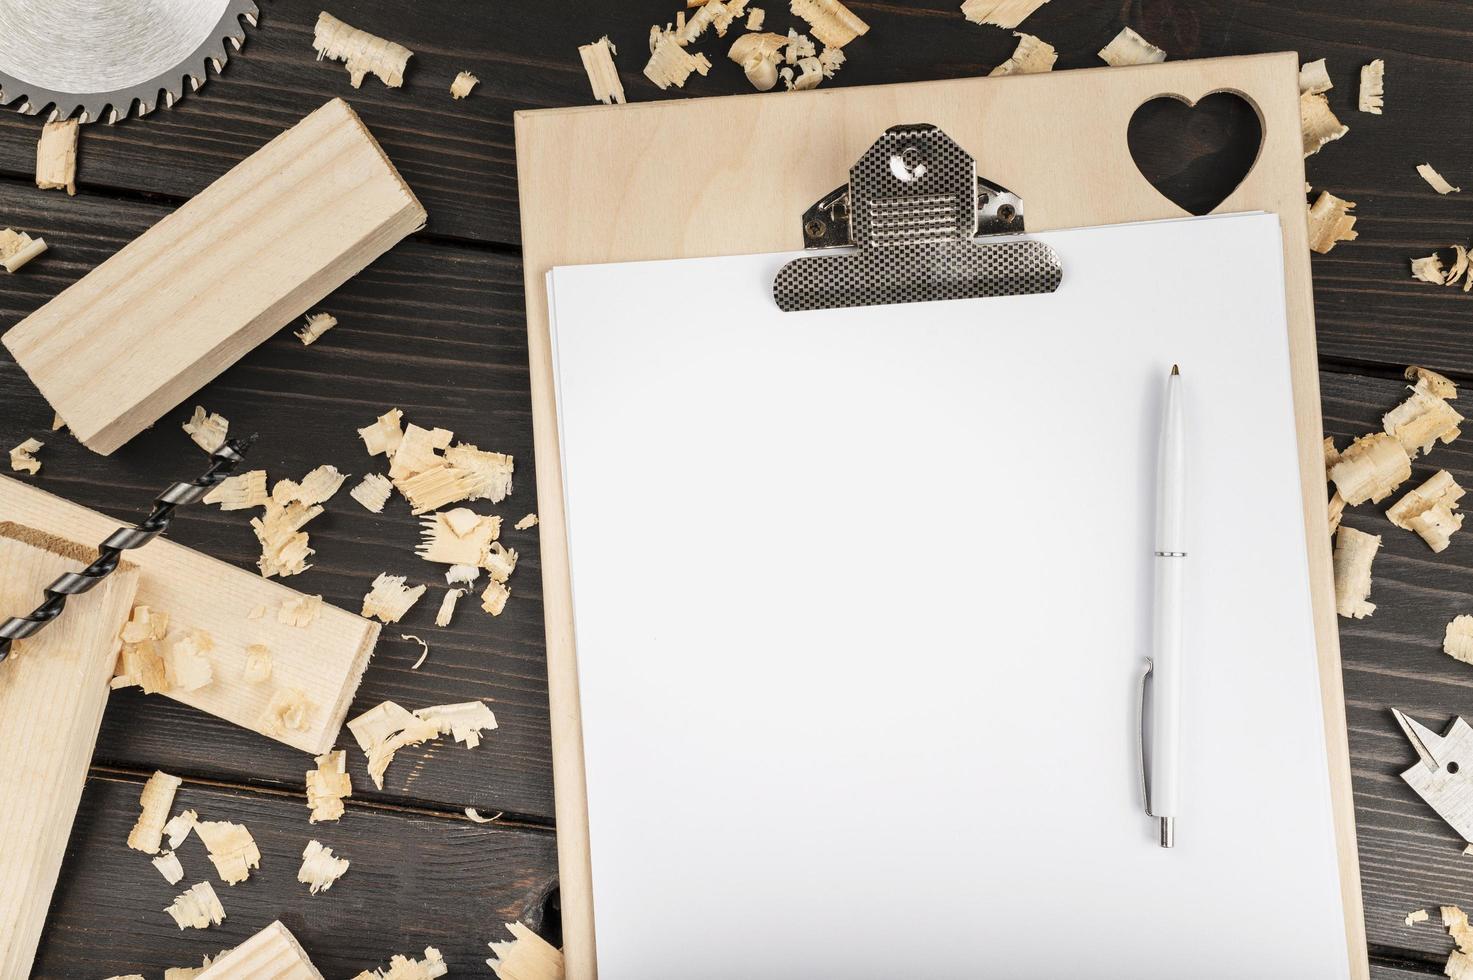 Zwischenablage mit Kopierraum, Tischplatte mit Holzspänen foto